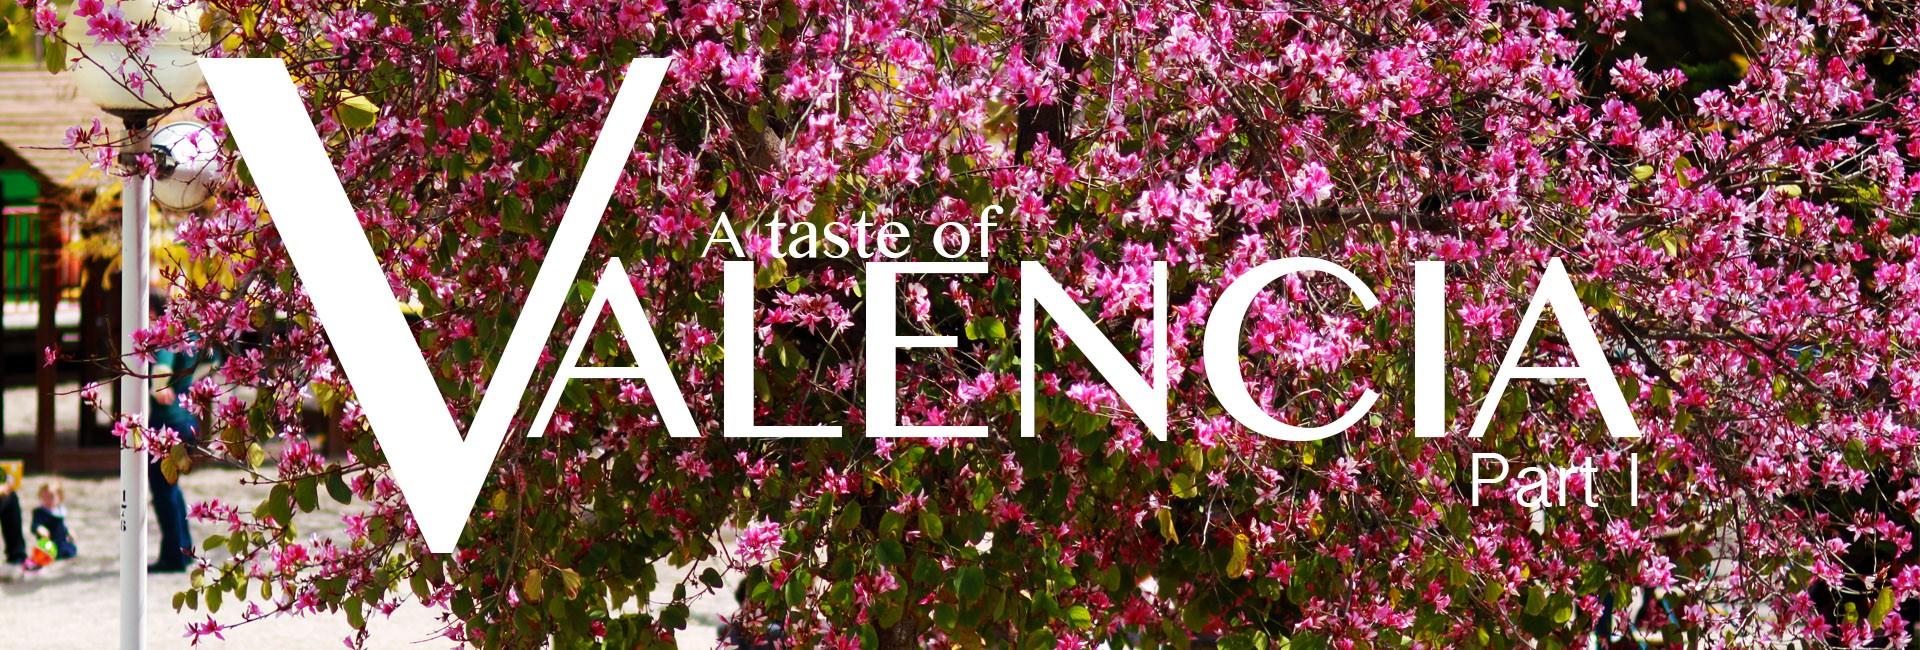 A taste of Valencia p1